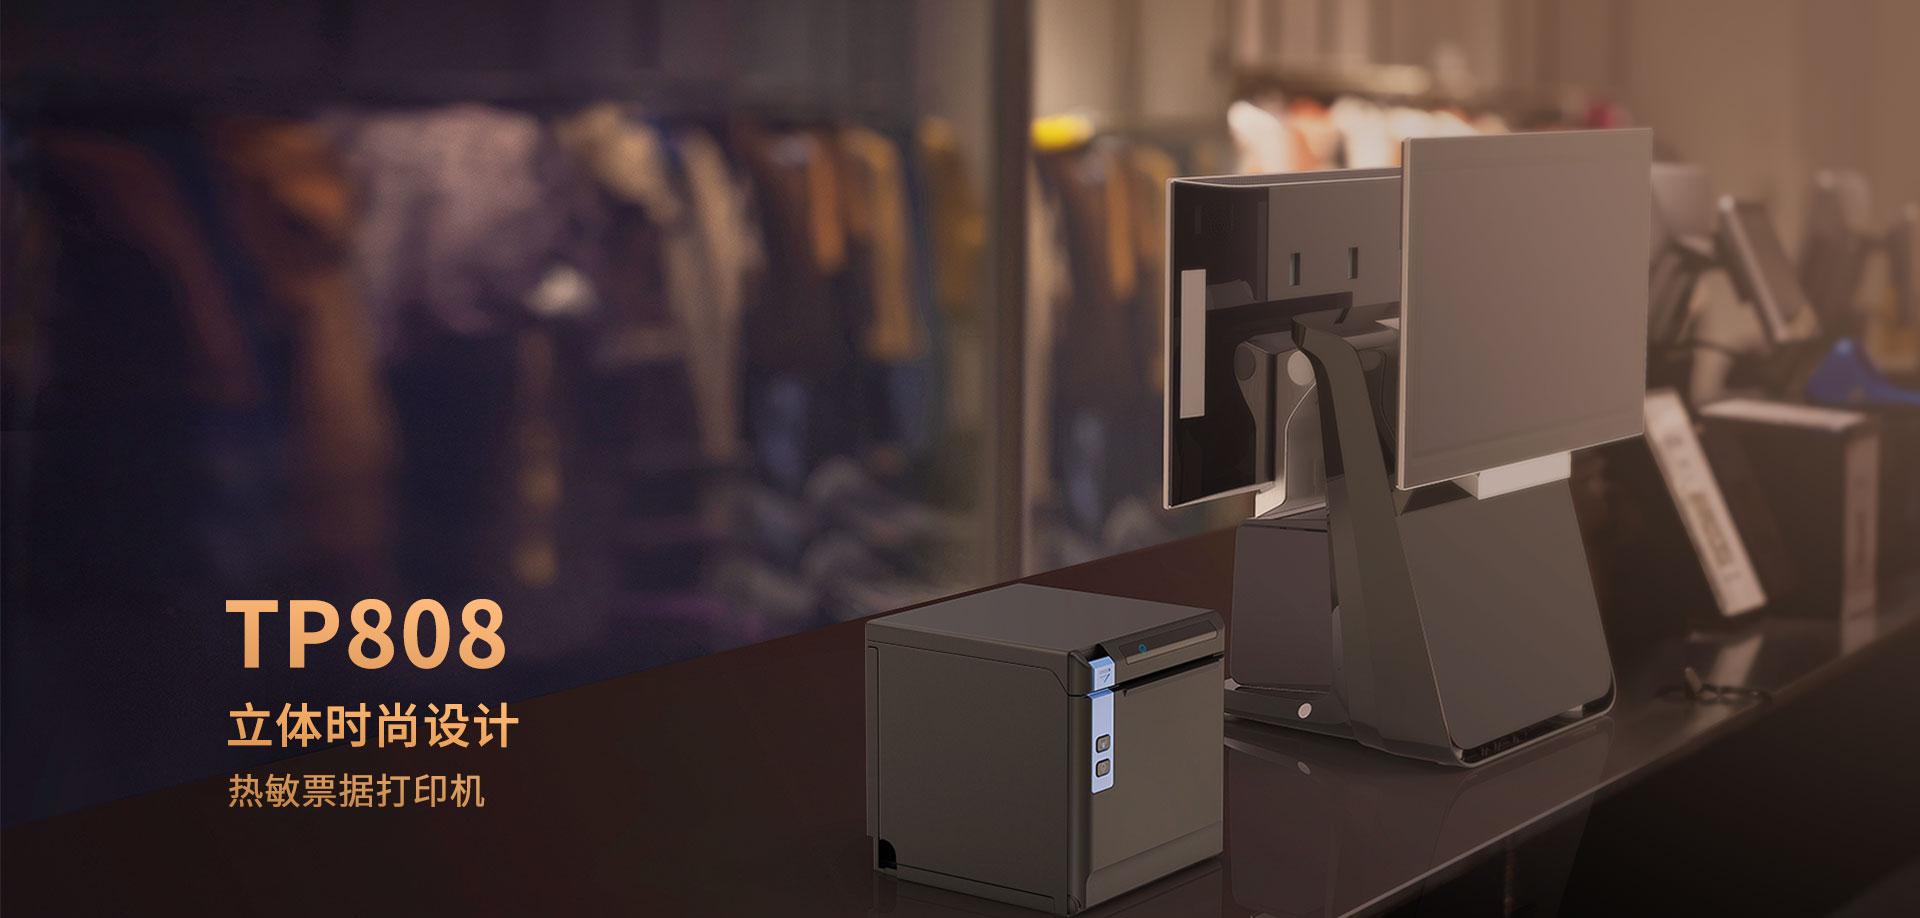 TP808立体时尚设计热敏票据打印机  第1张